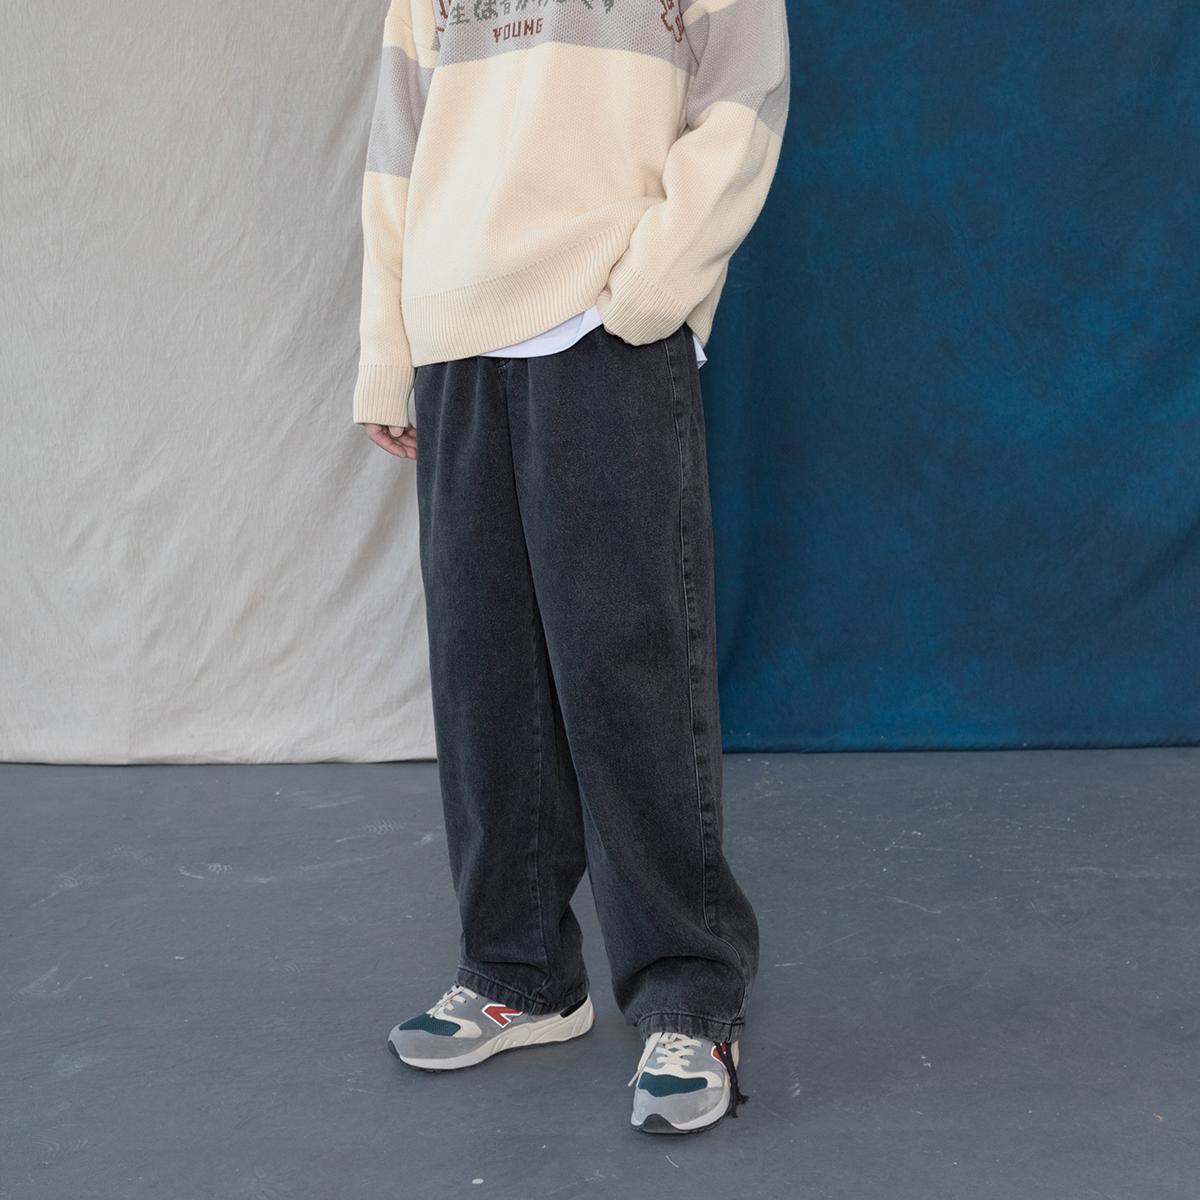 男式牛仔裤 蒙马特先生 韩版潮流街头烟灰色显瘦牛仔裤 男女直筒百搭休闲长裤_推荐淘宝好看的男牛仔裤